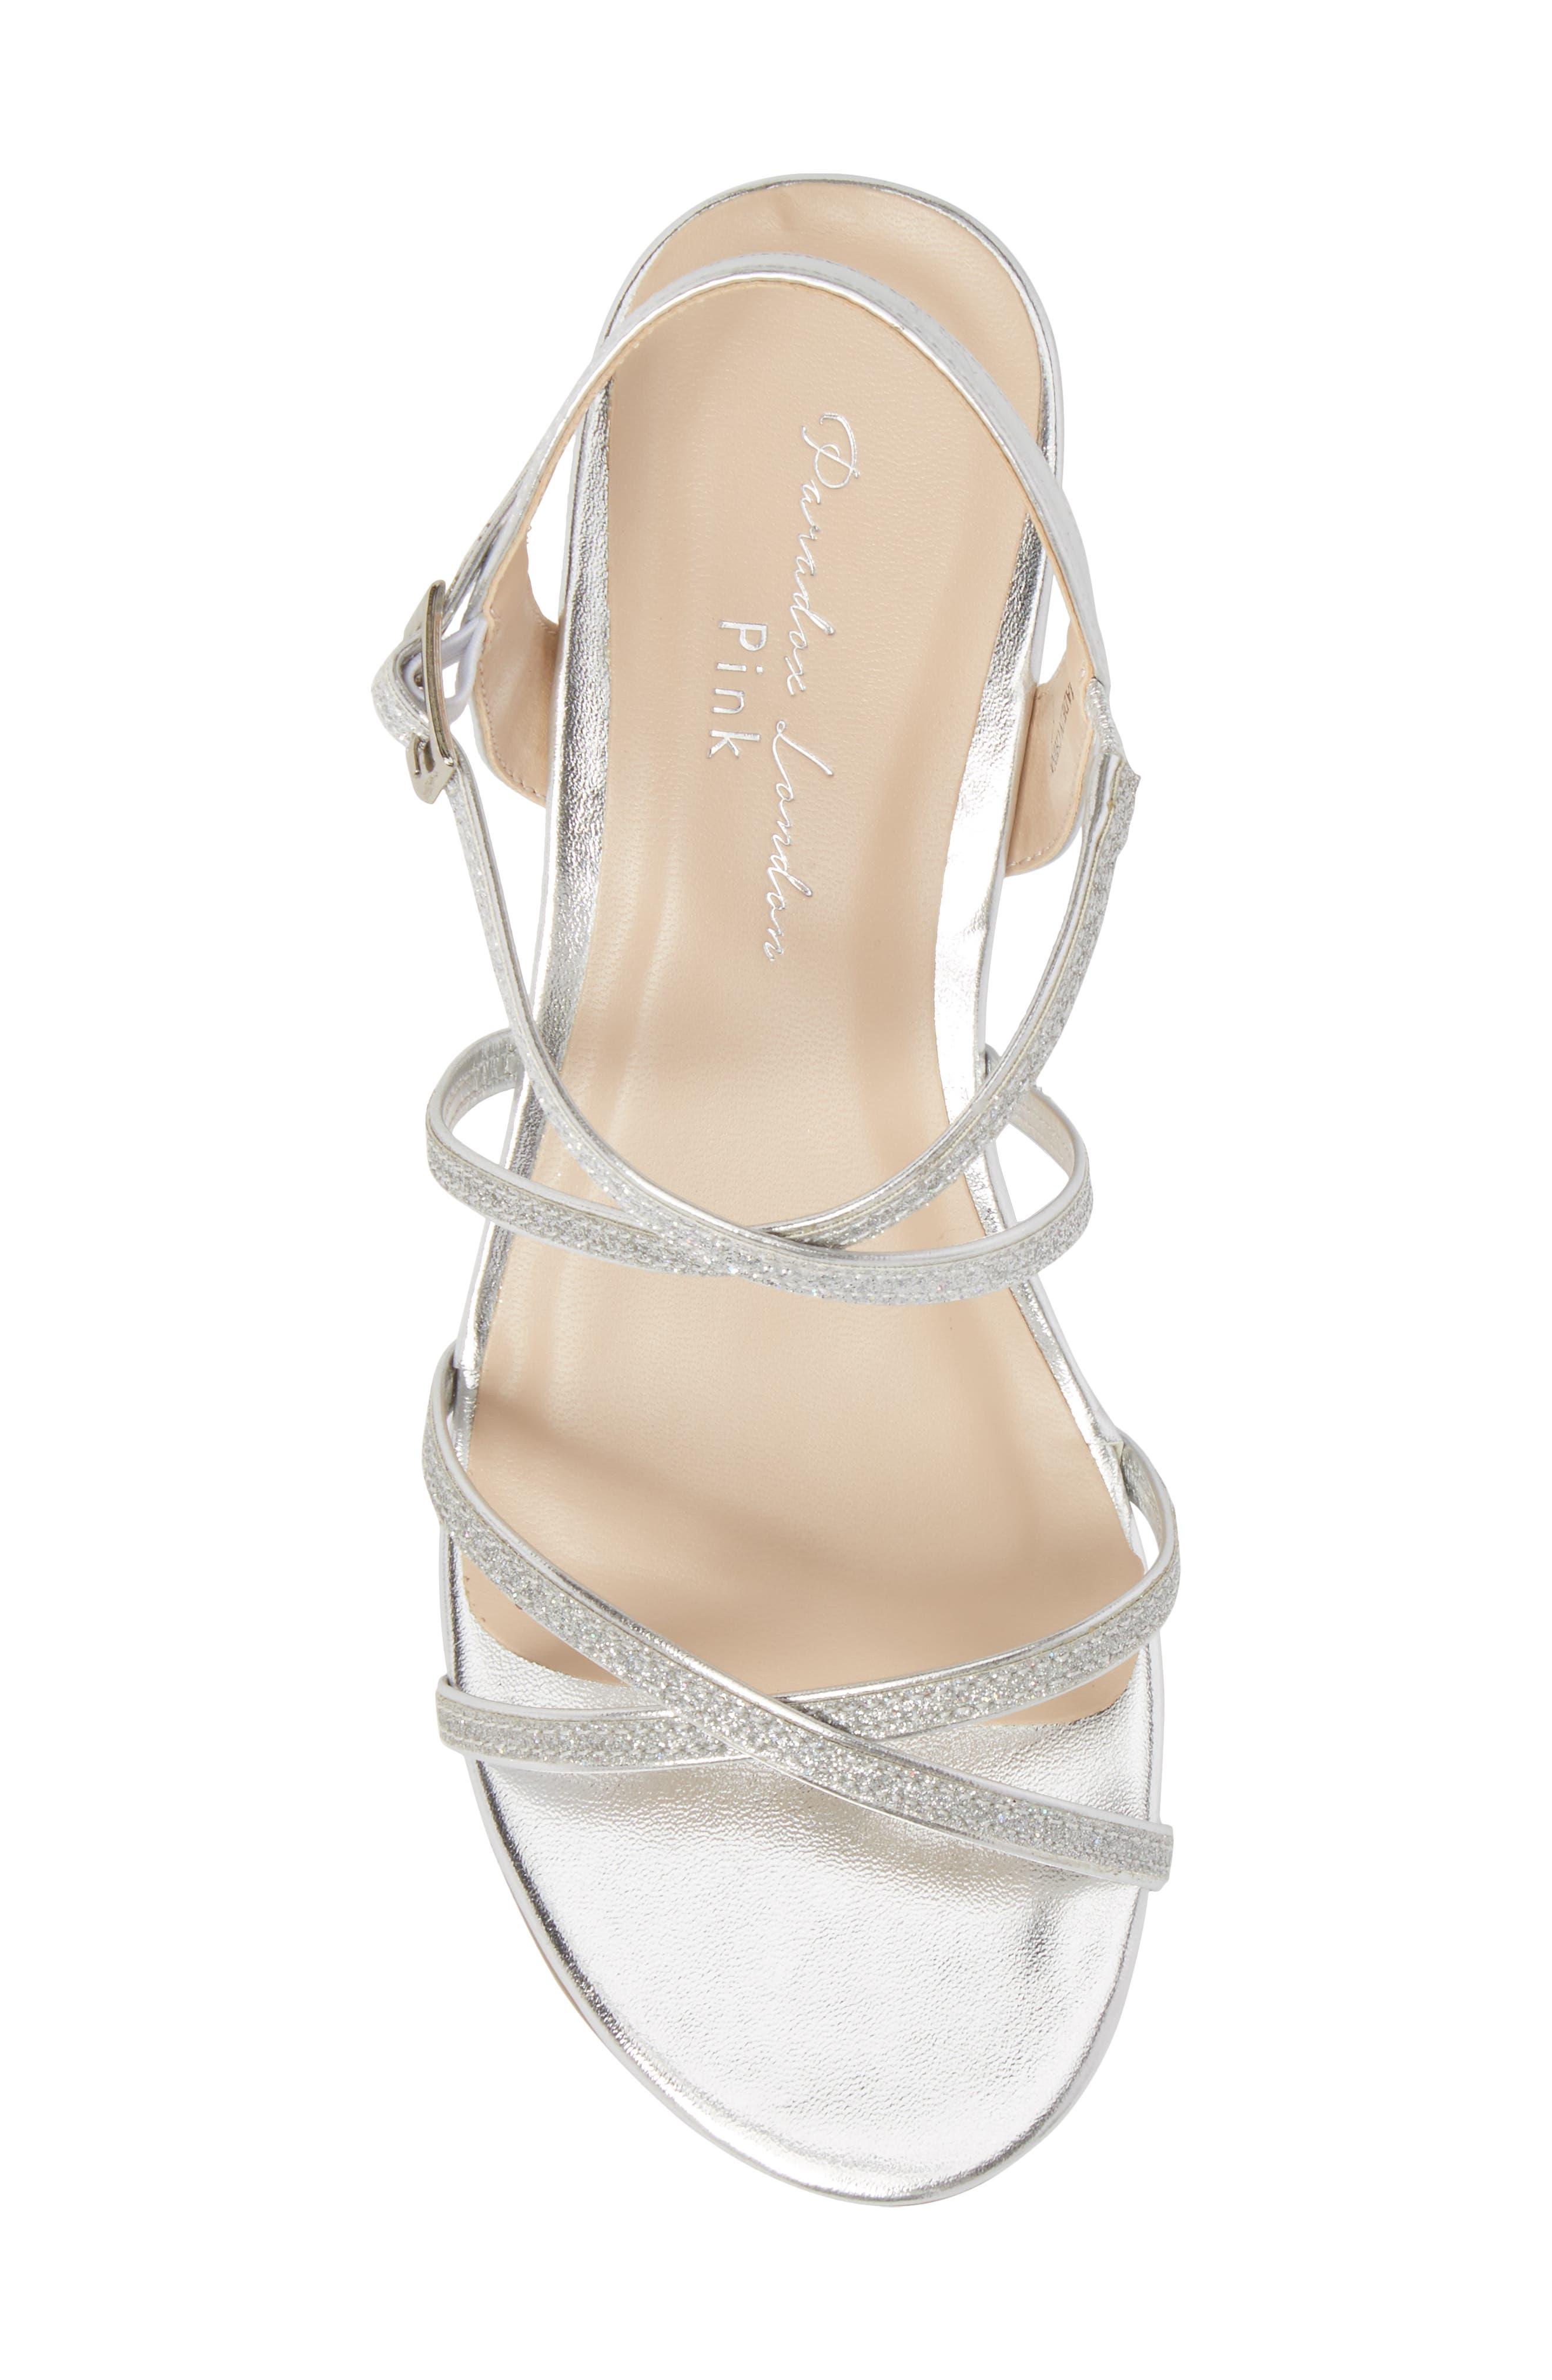 Kadie Wedge Sandal,                             Alternate thumbnail 5, color,                             Silver Glitter